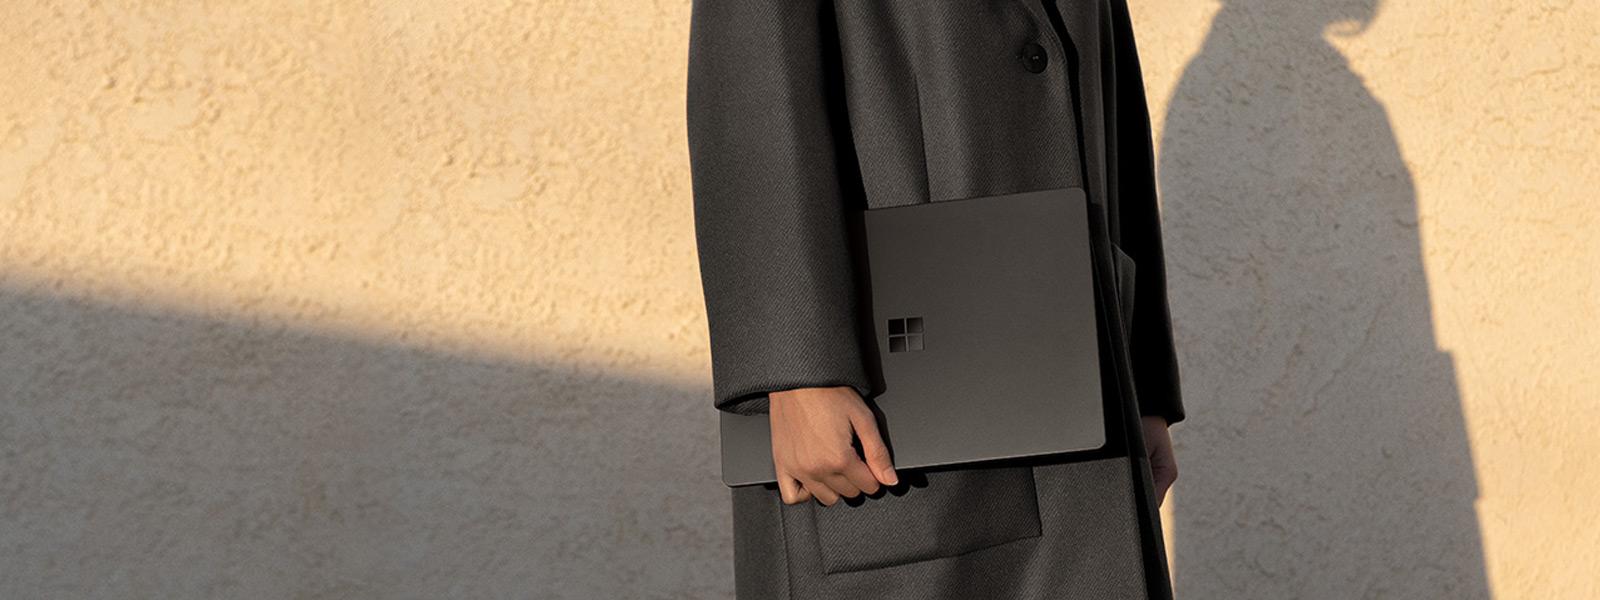 Eine Person in einer schwarzen Jacke hält einen schwarzen Surface Laptop 2 an ihrer Seite